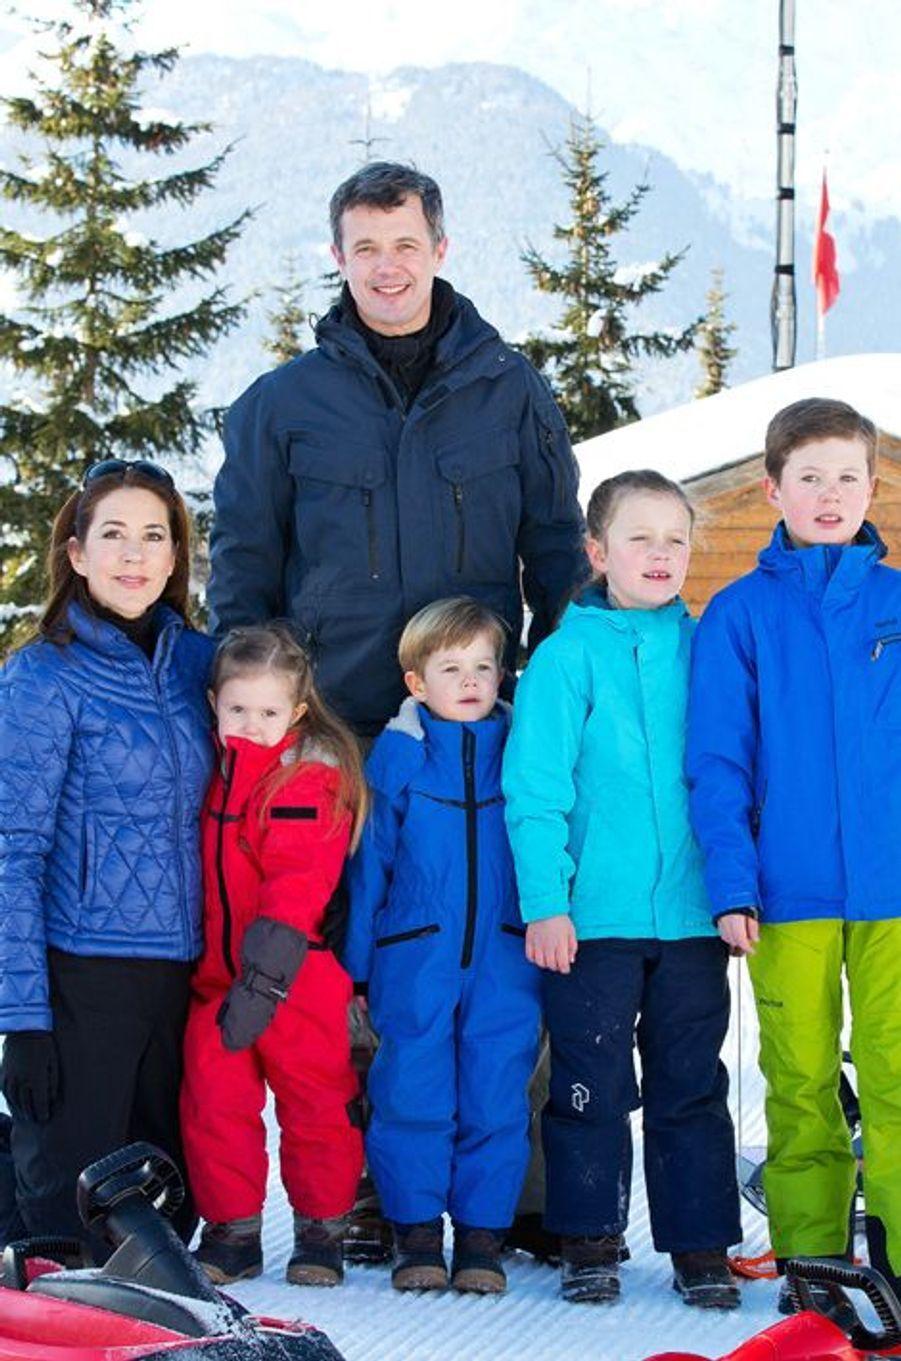 Mary et Frederik avec leurs enfants Christian, Isabella, Vincent et Joséphine, le 8 février 2015